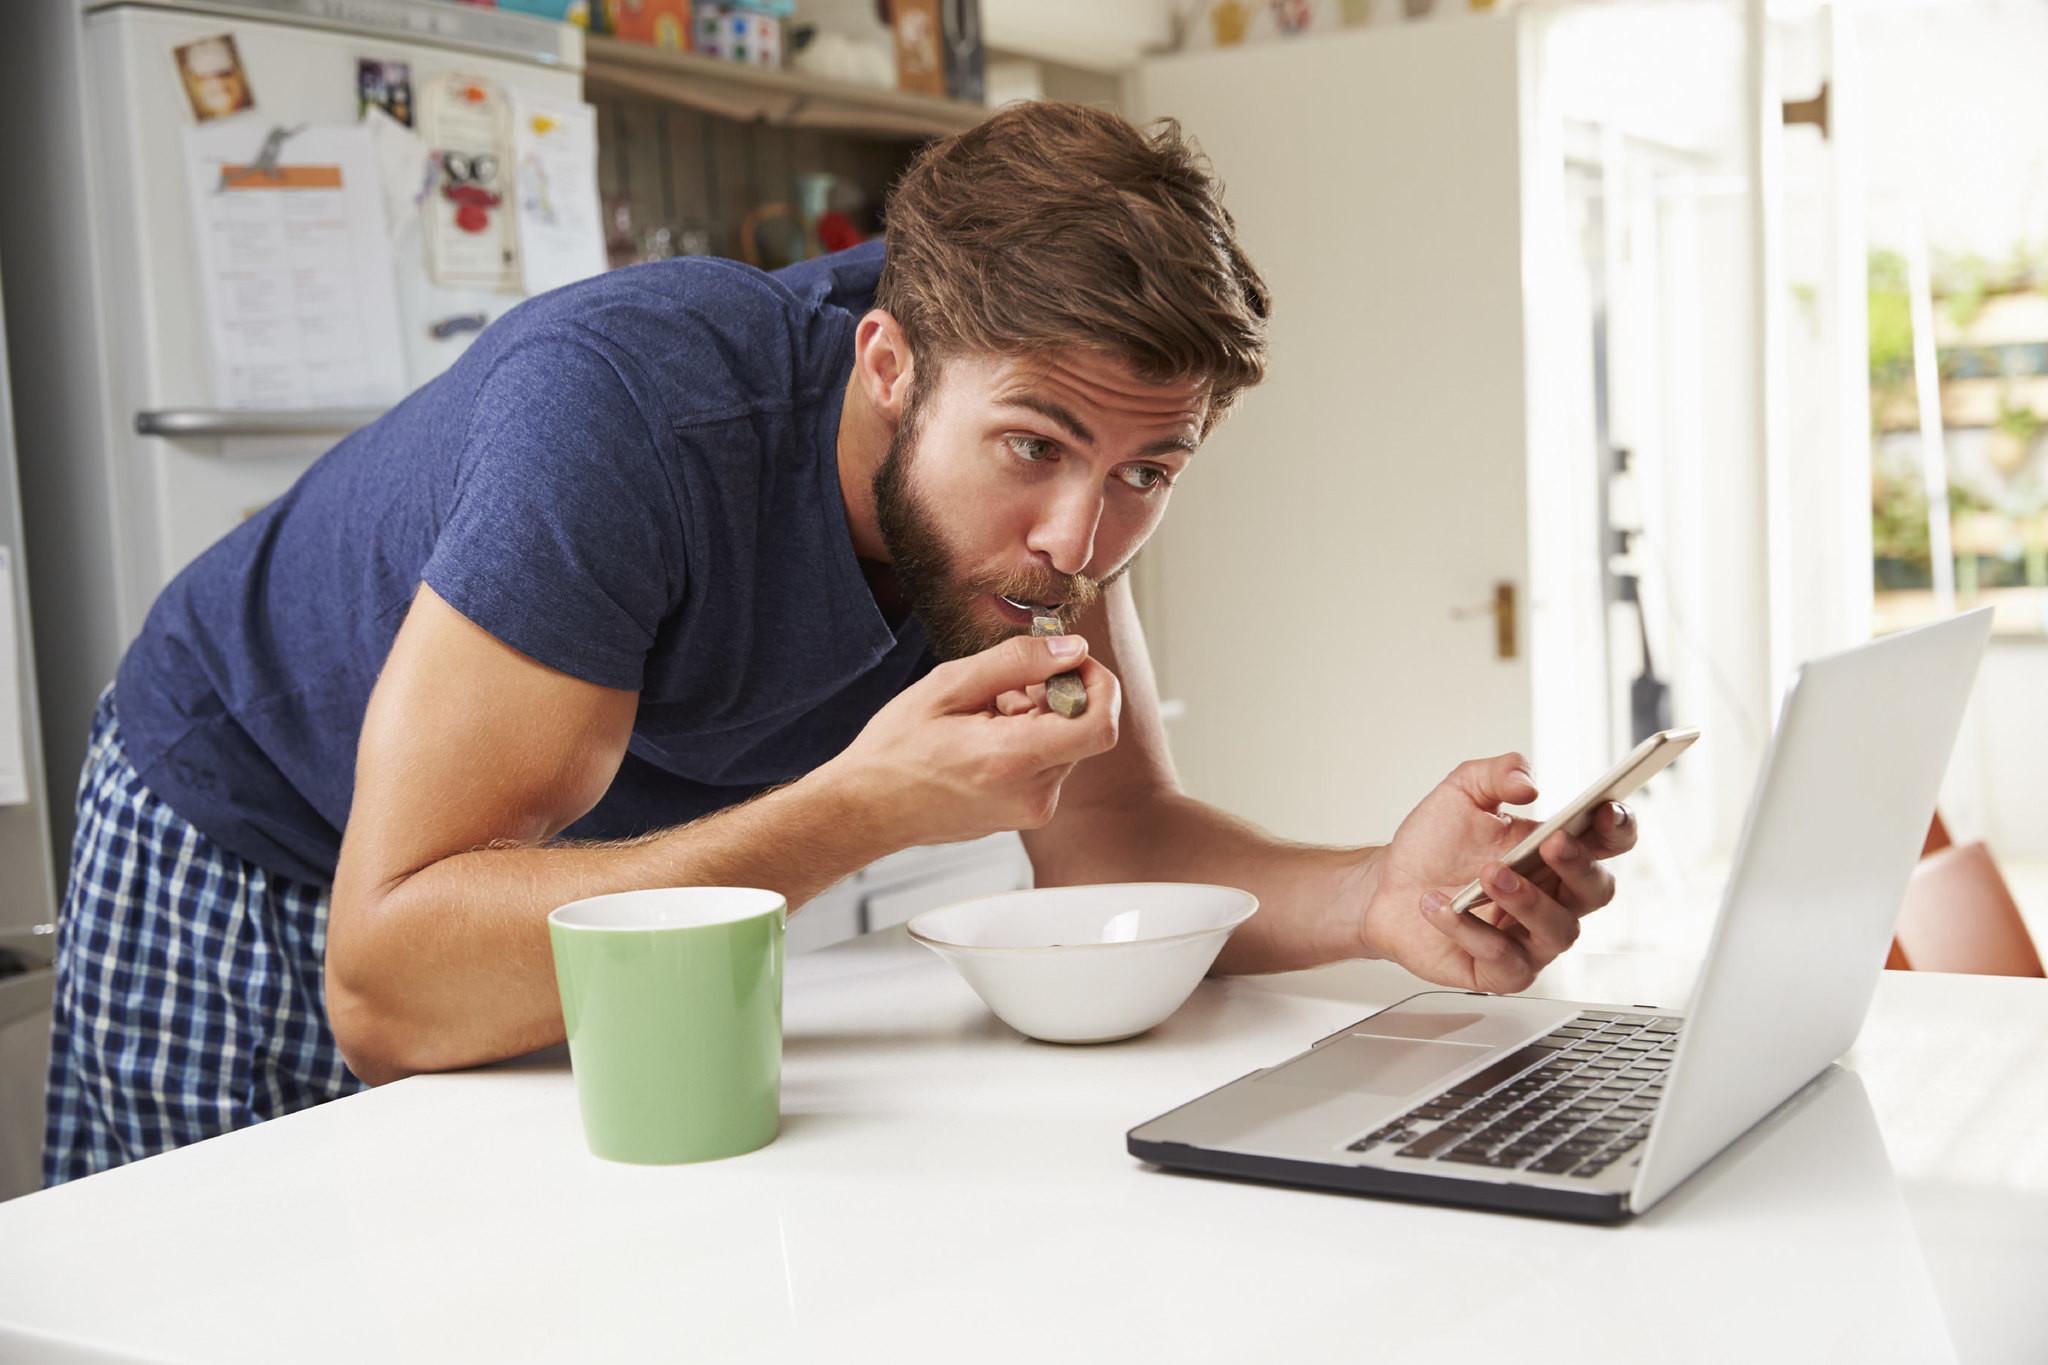 El mukbang, los que cobran por comer online